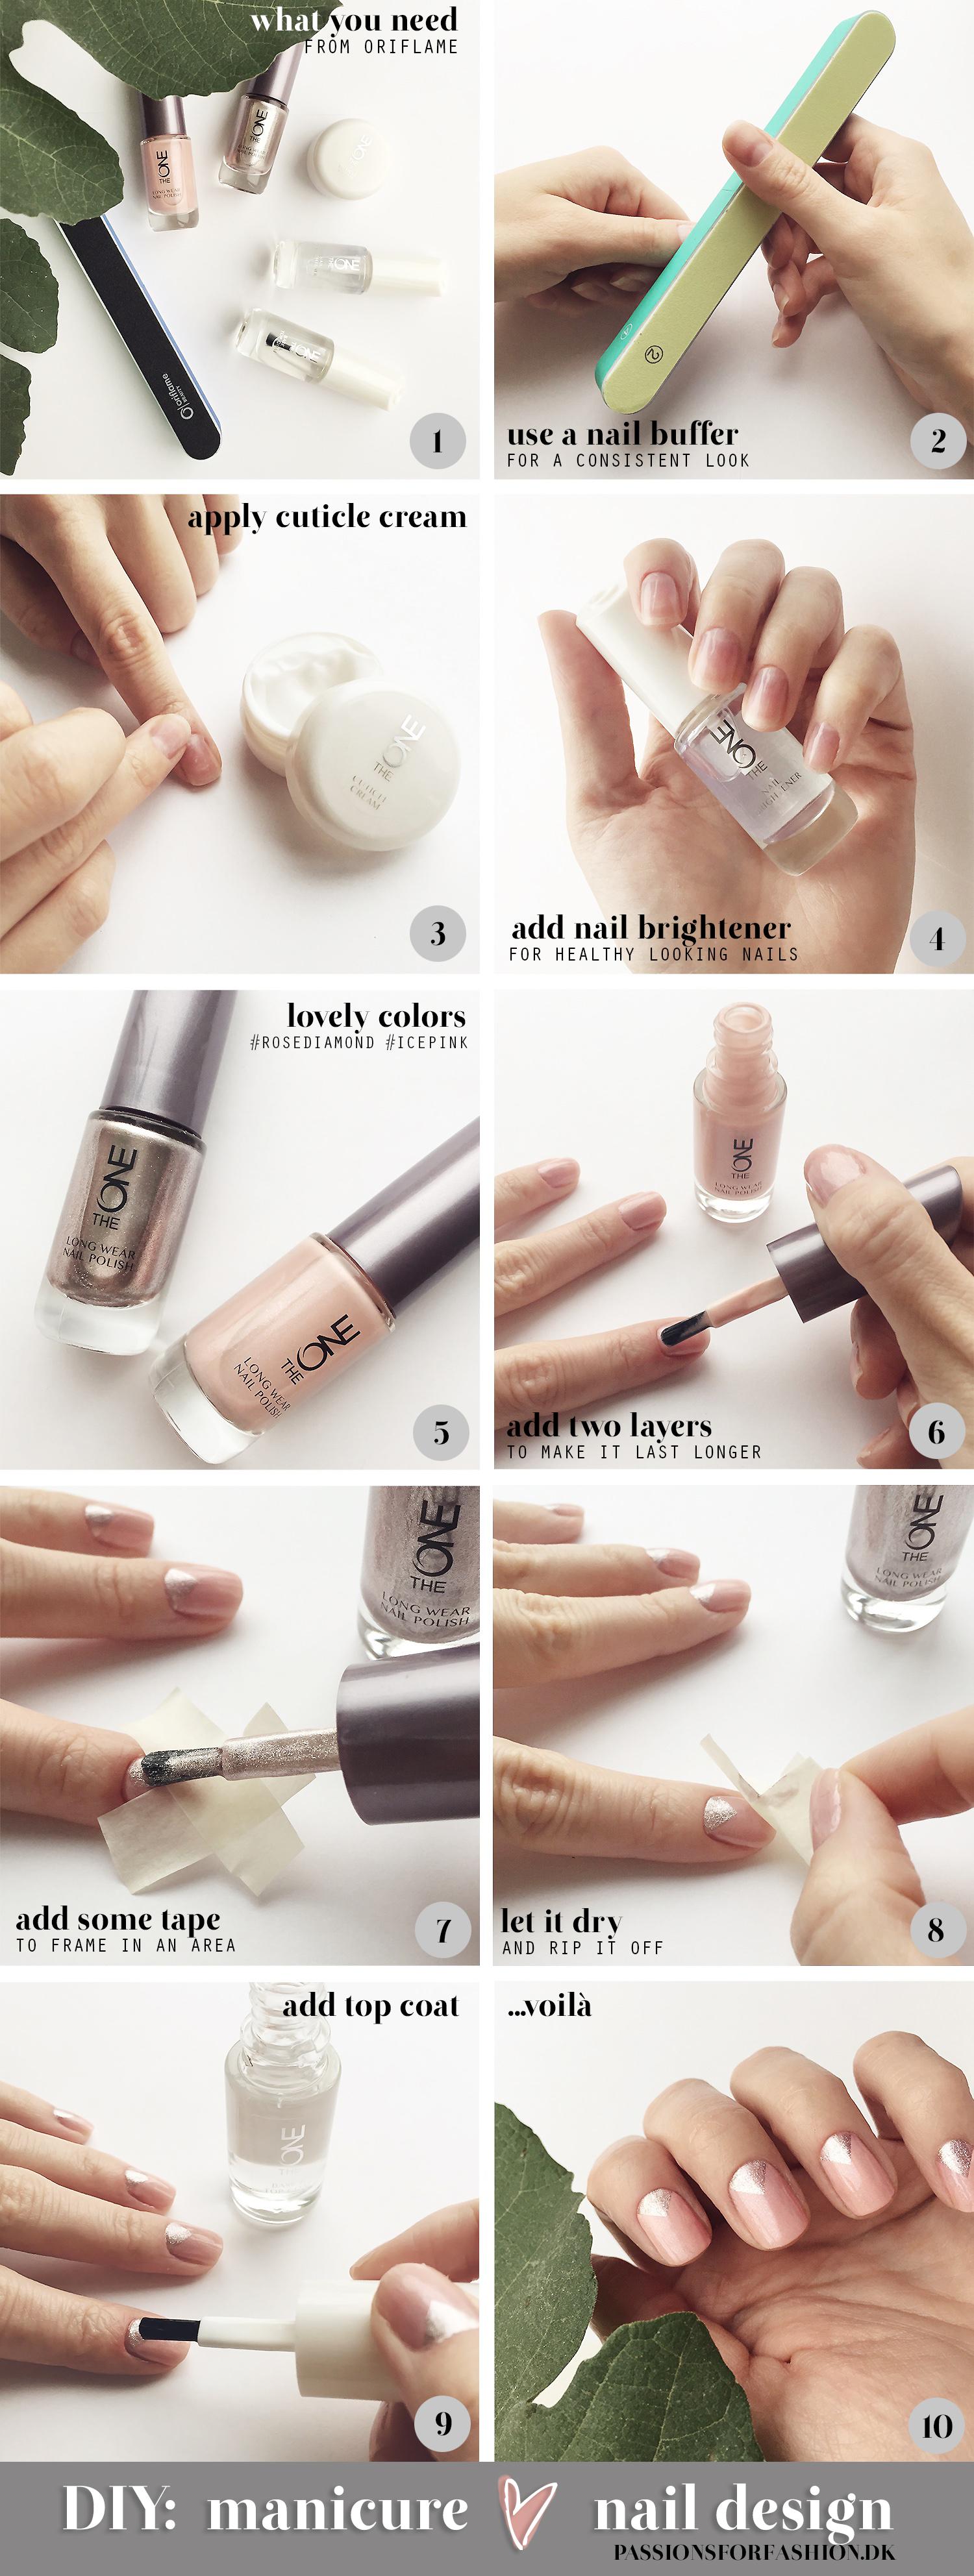 nail manicure@2x